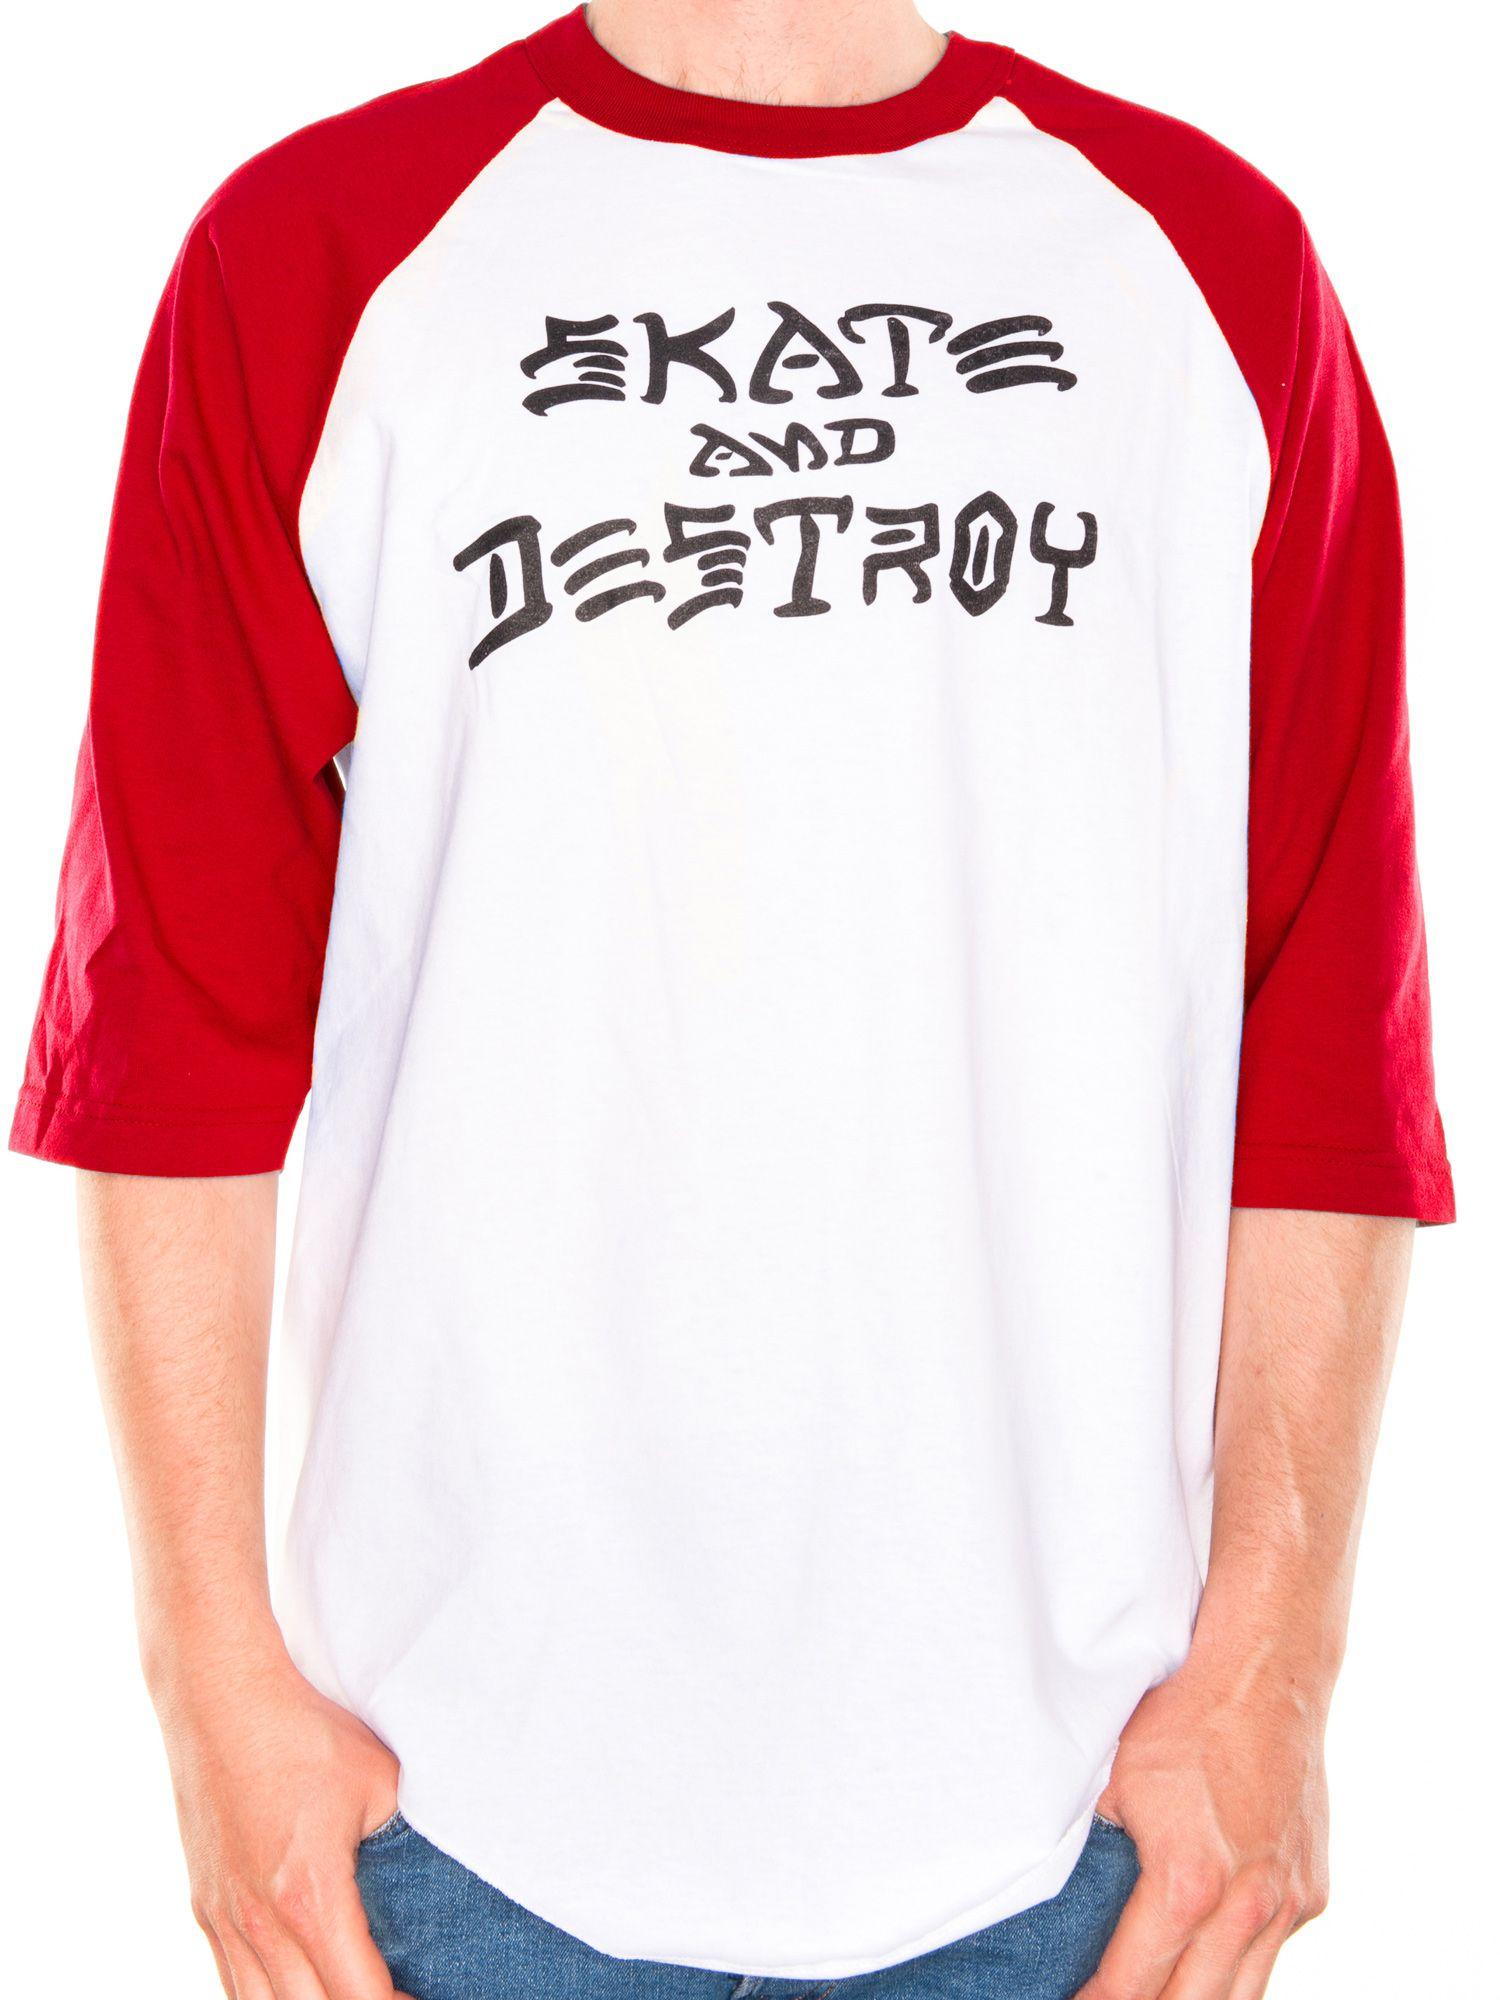 41e6a00e34e2 Thrasher. Skate and Destroy Raglan. White/Red